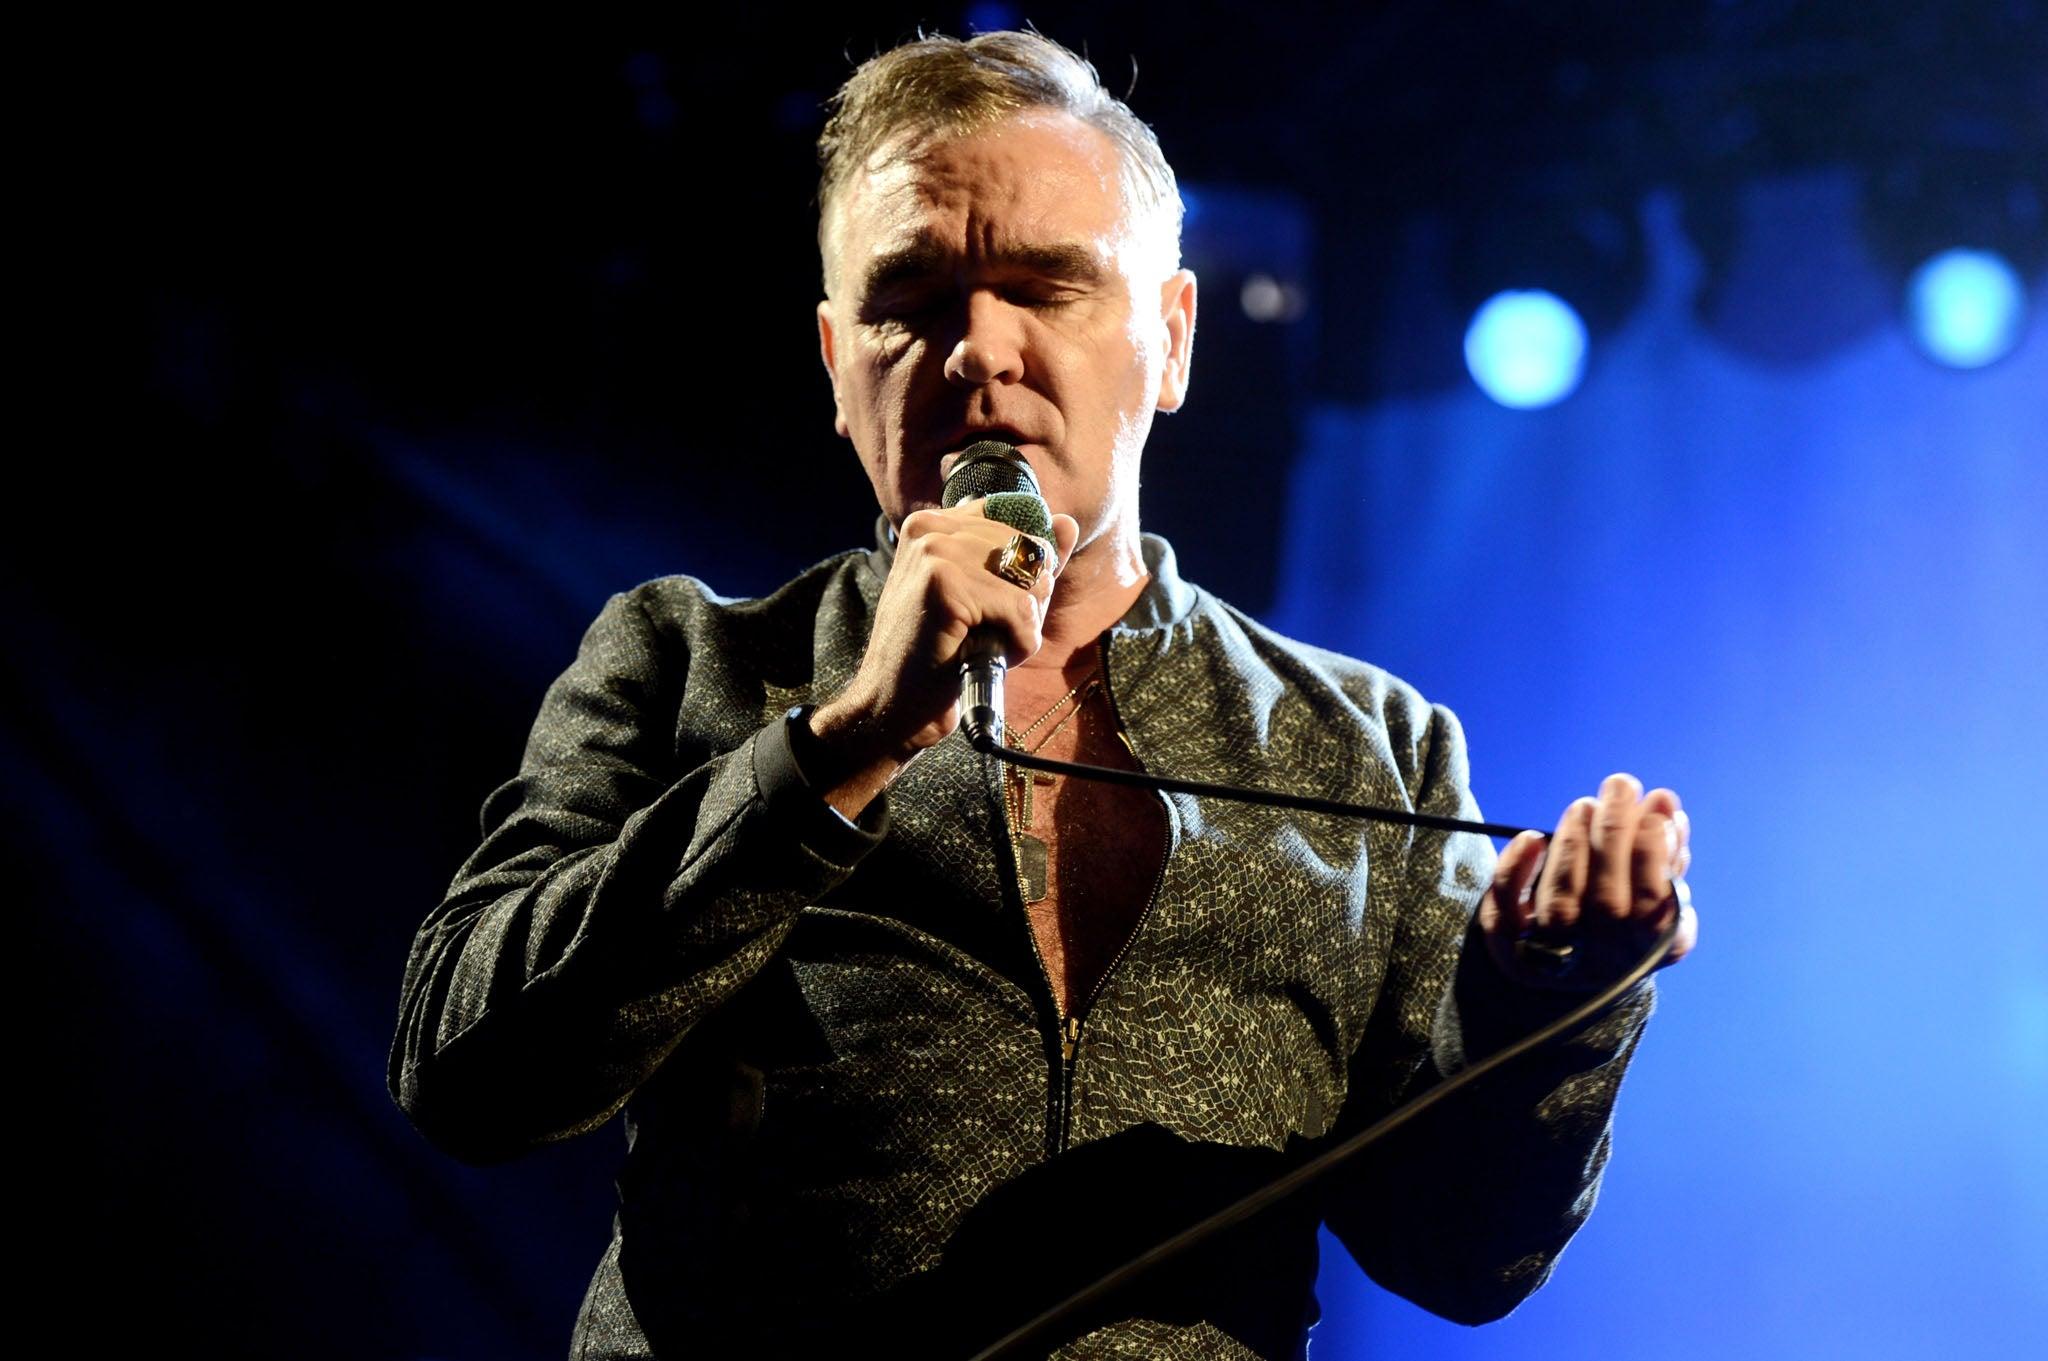 Morrissey es reconocido por ser un cantante de gran euforia durante sus conciertos